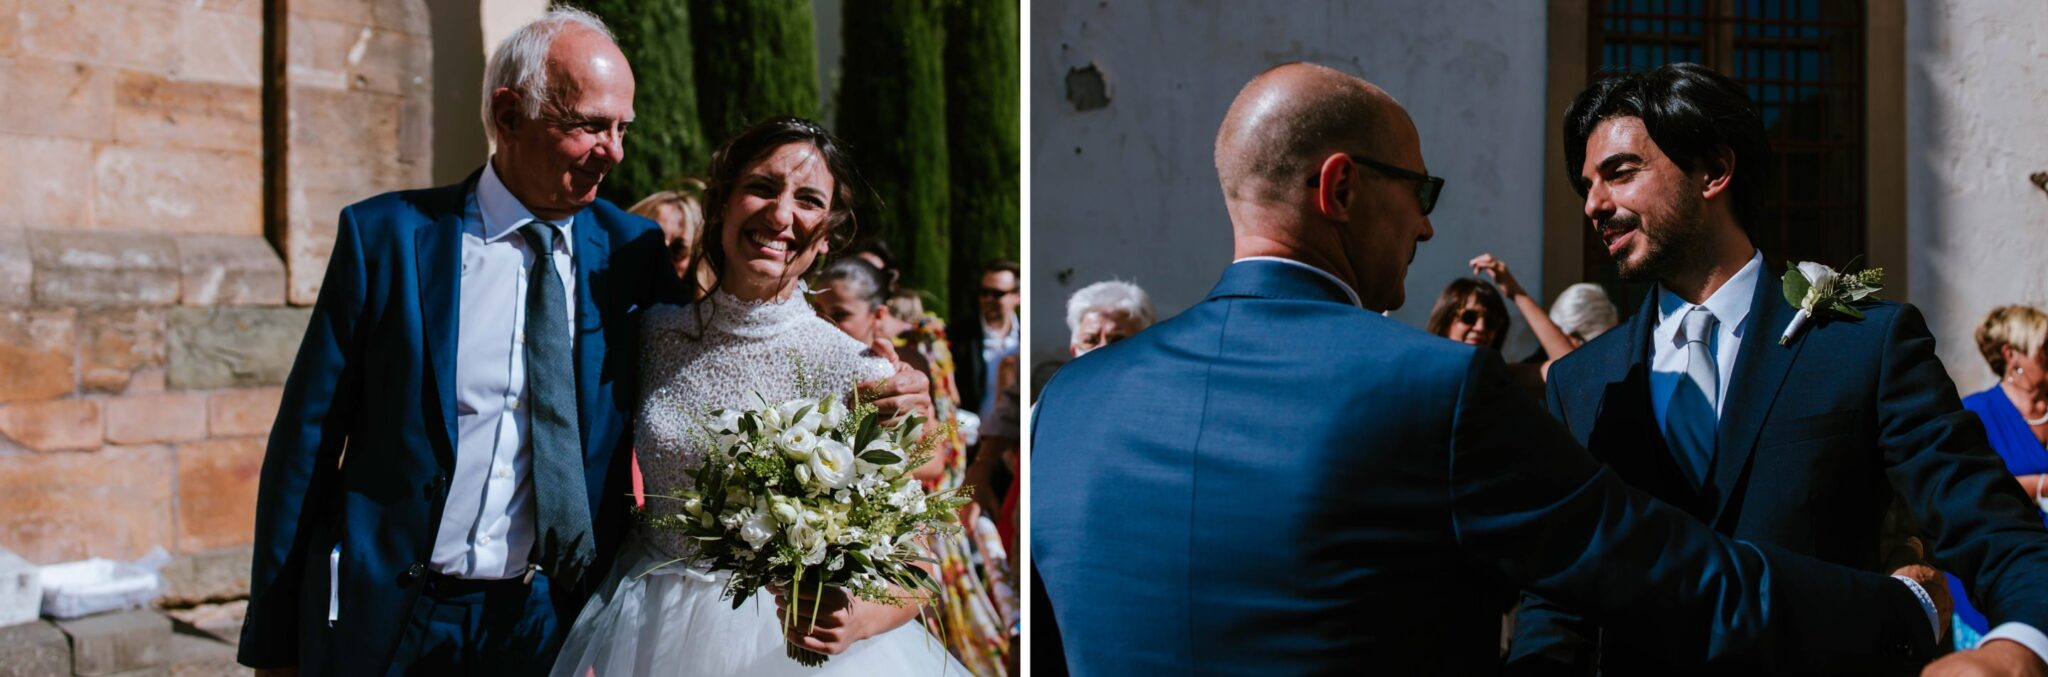 saluti e abbracci durante un matrimonio ad Altopascio